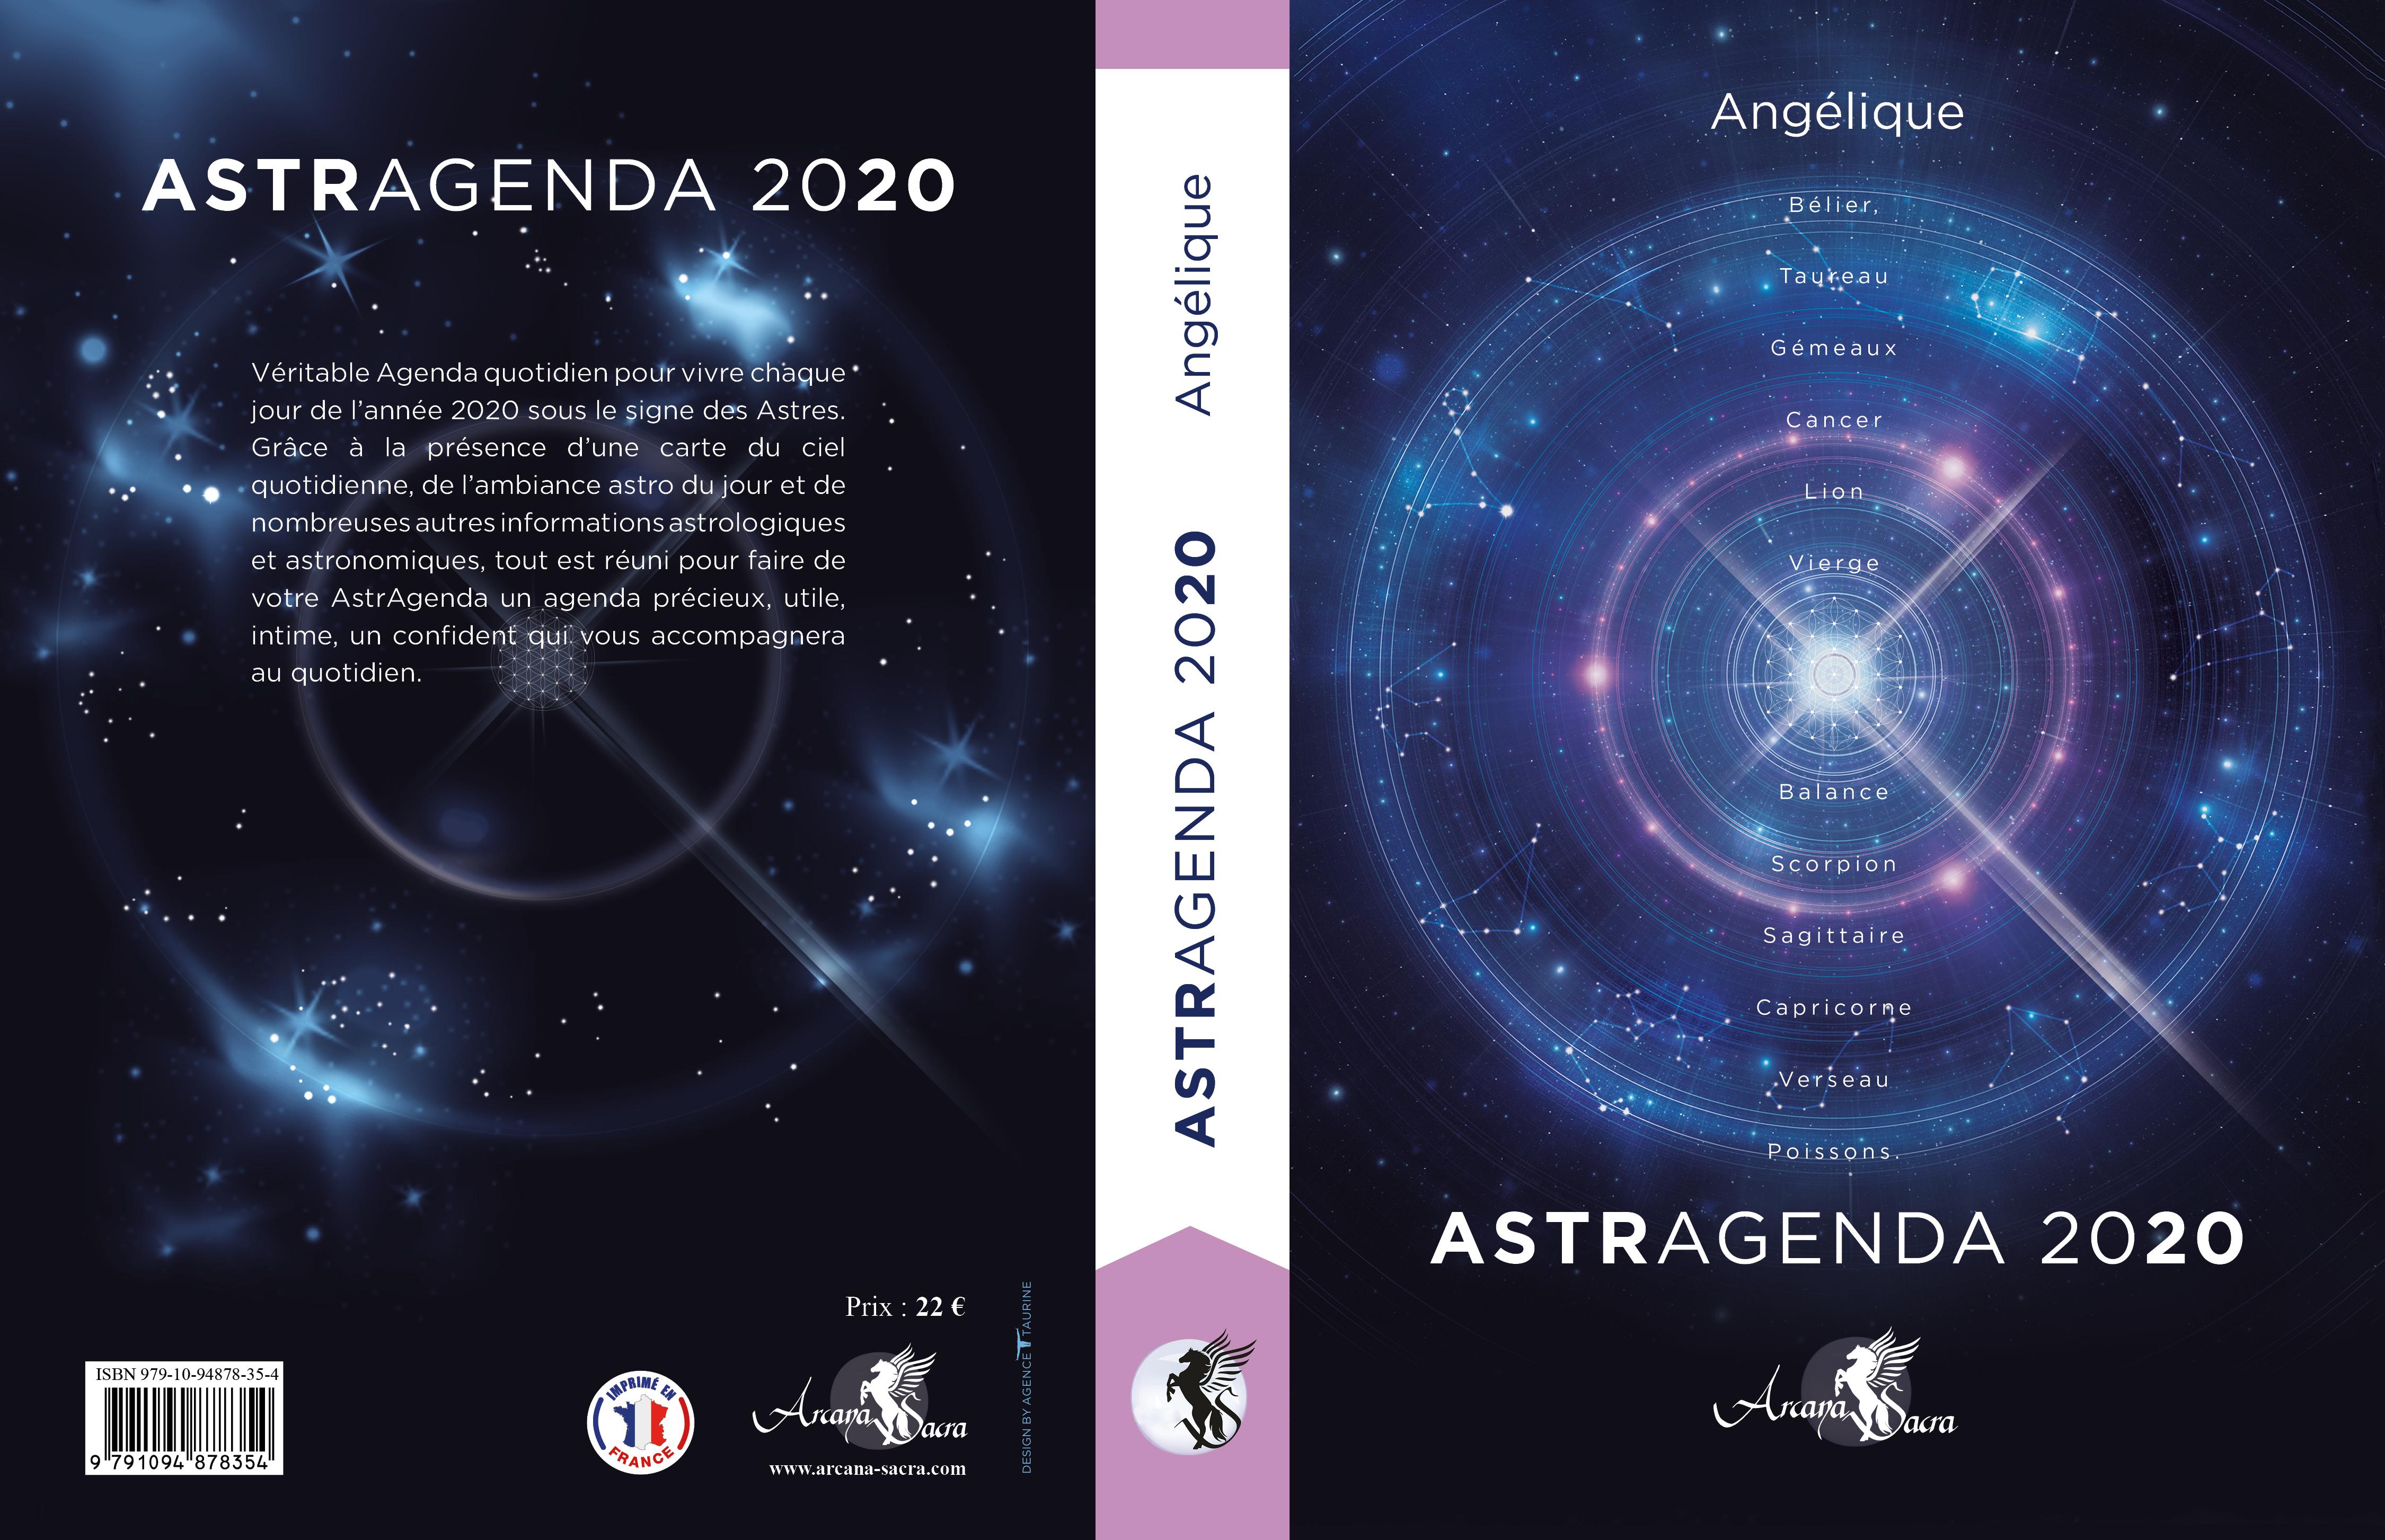 Astragenda 2020 par Angélique